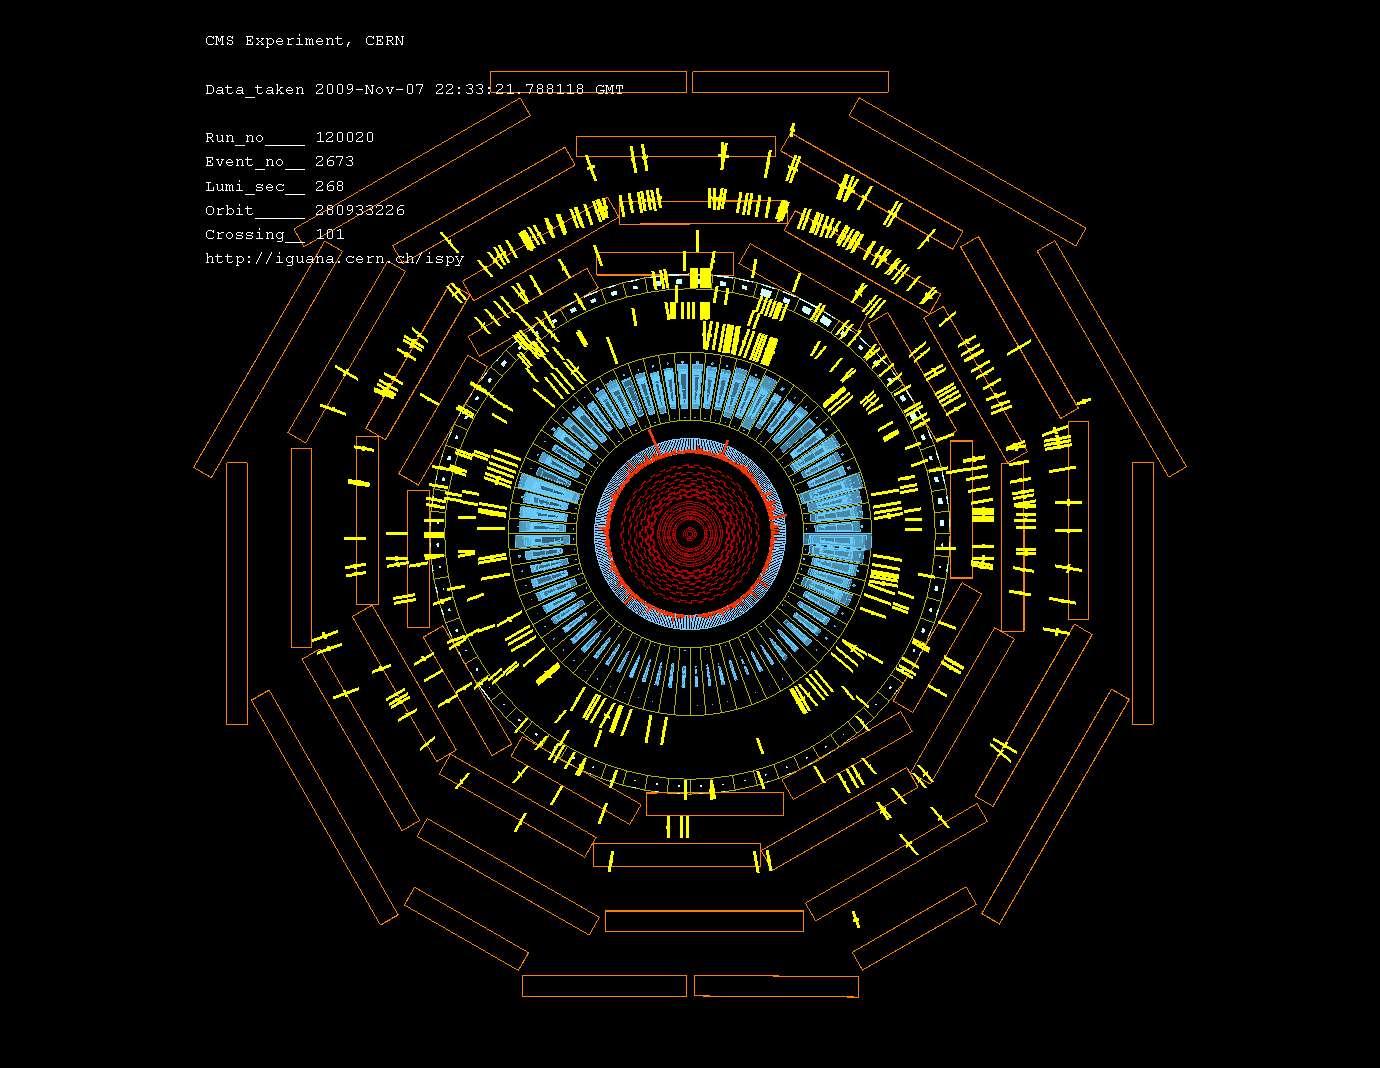 Les particules produites dans le détecteur CMS sont bien visible sur cette écran. En rouge, ce sont les traces enregistrées dans le calorimètre électromagnétique et en bleu celle dans le calorimètre hadronique. En jaune apparaissent les traces des muons qui n'ont pas été arrêtés par les calorimètres. Crédit : Cern